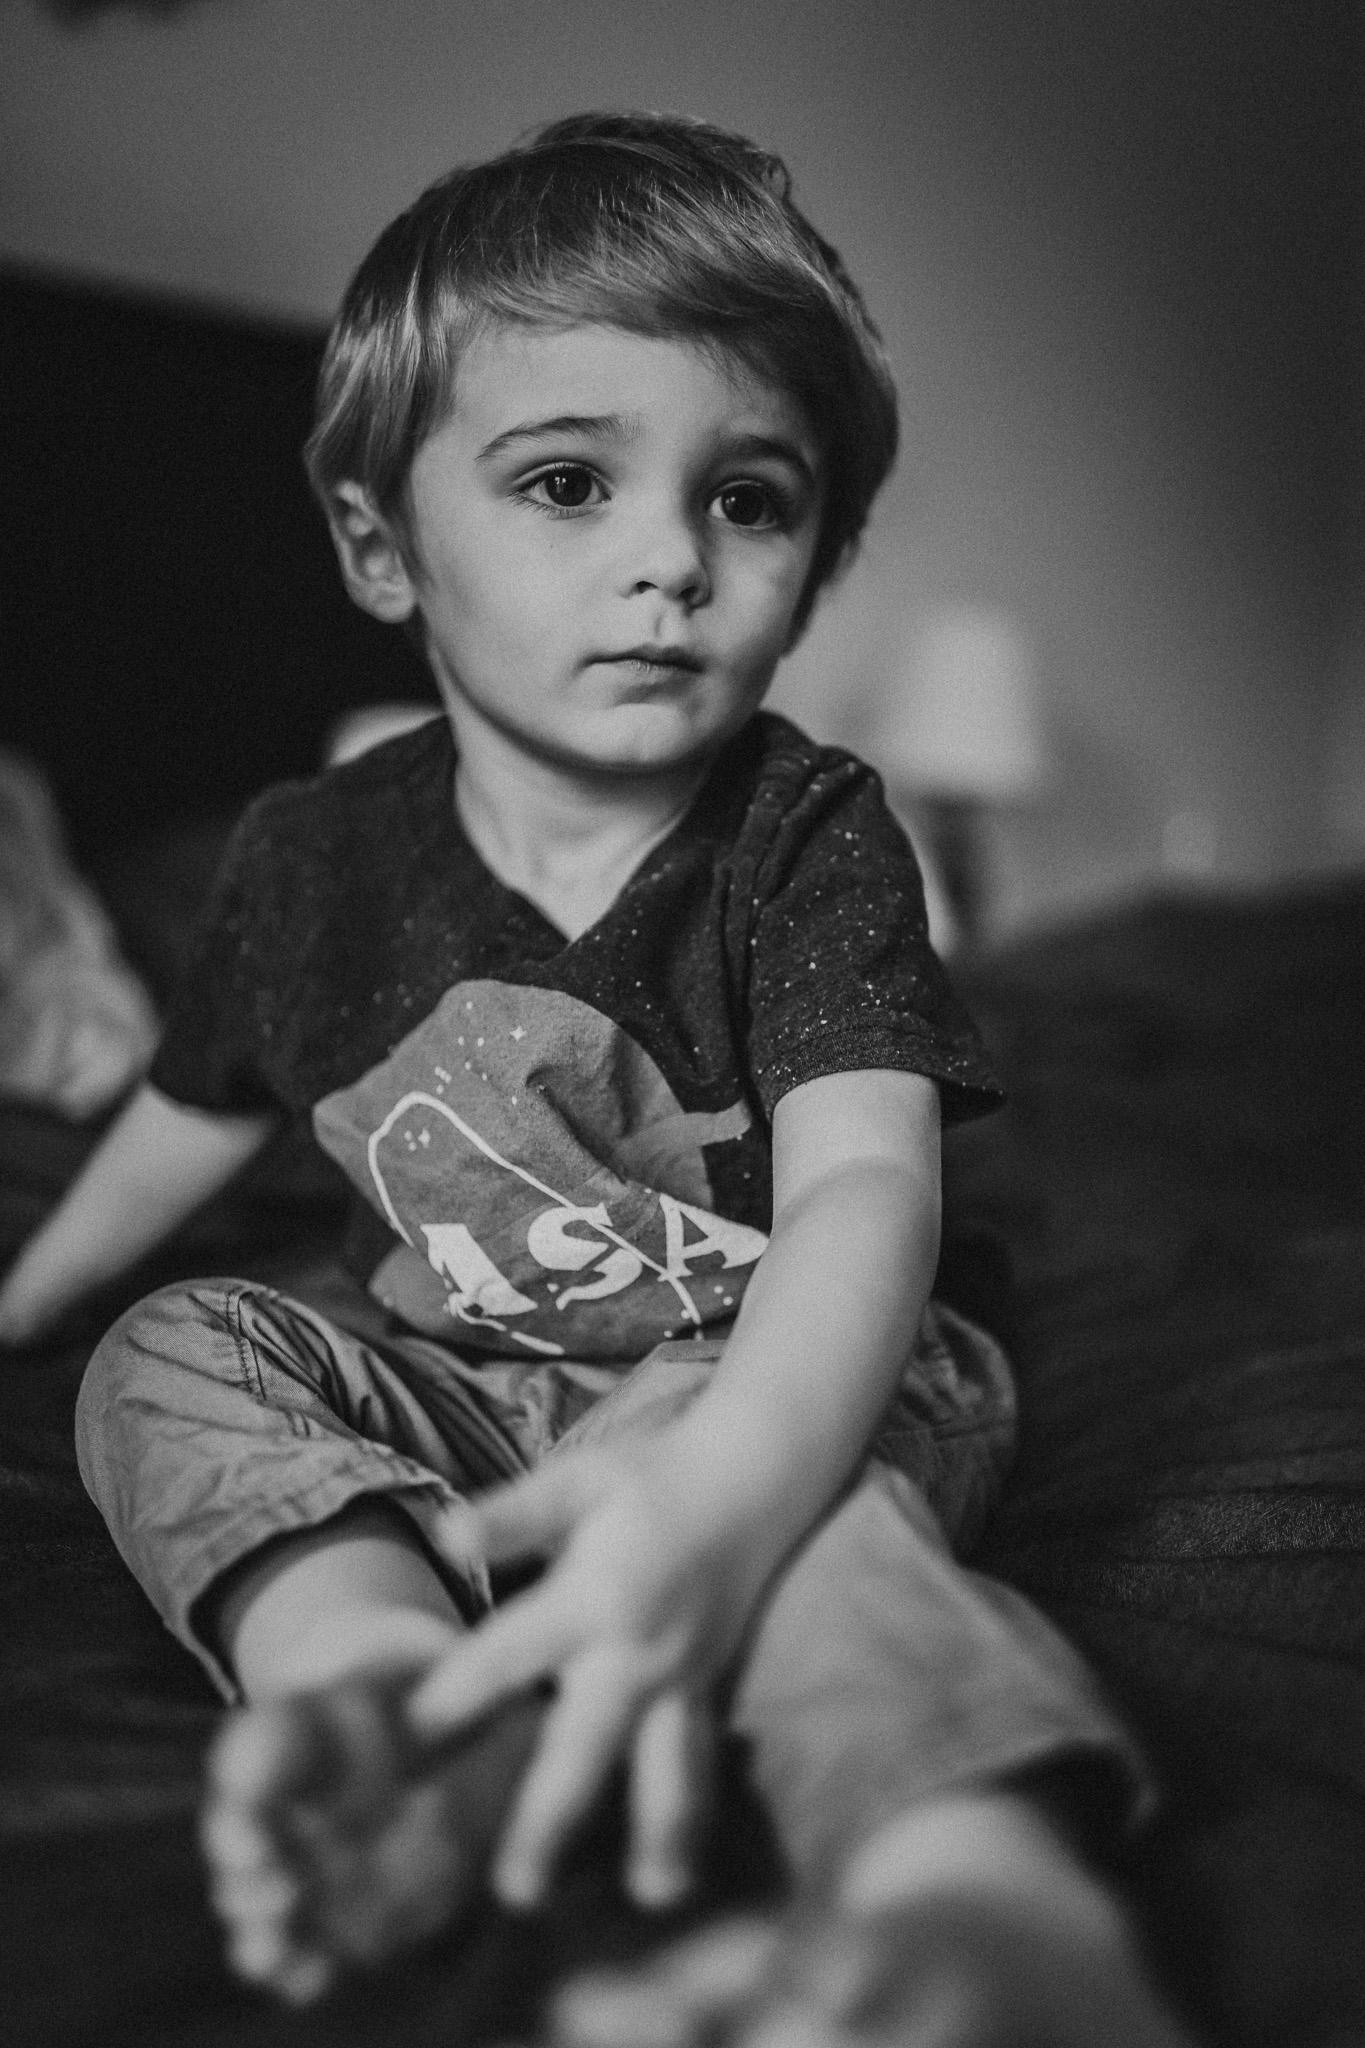 little boy sitting in bed